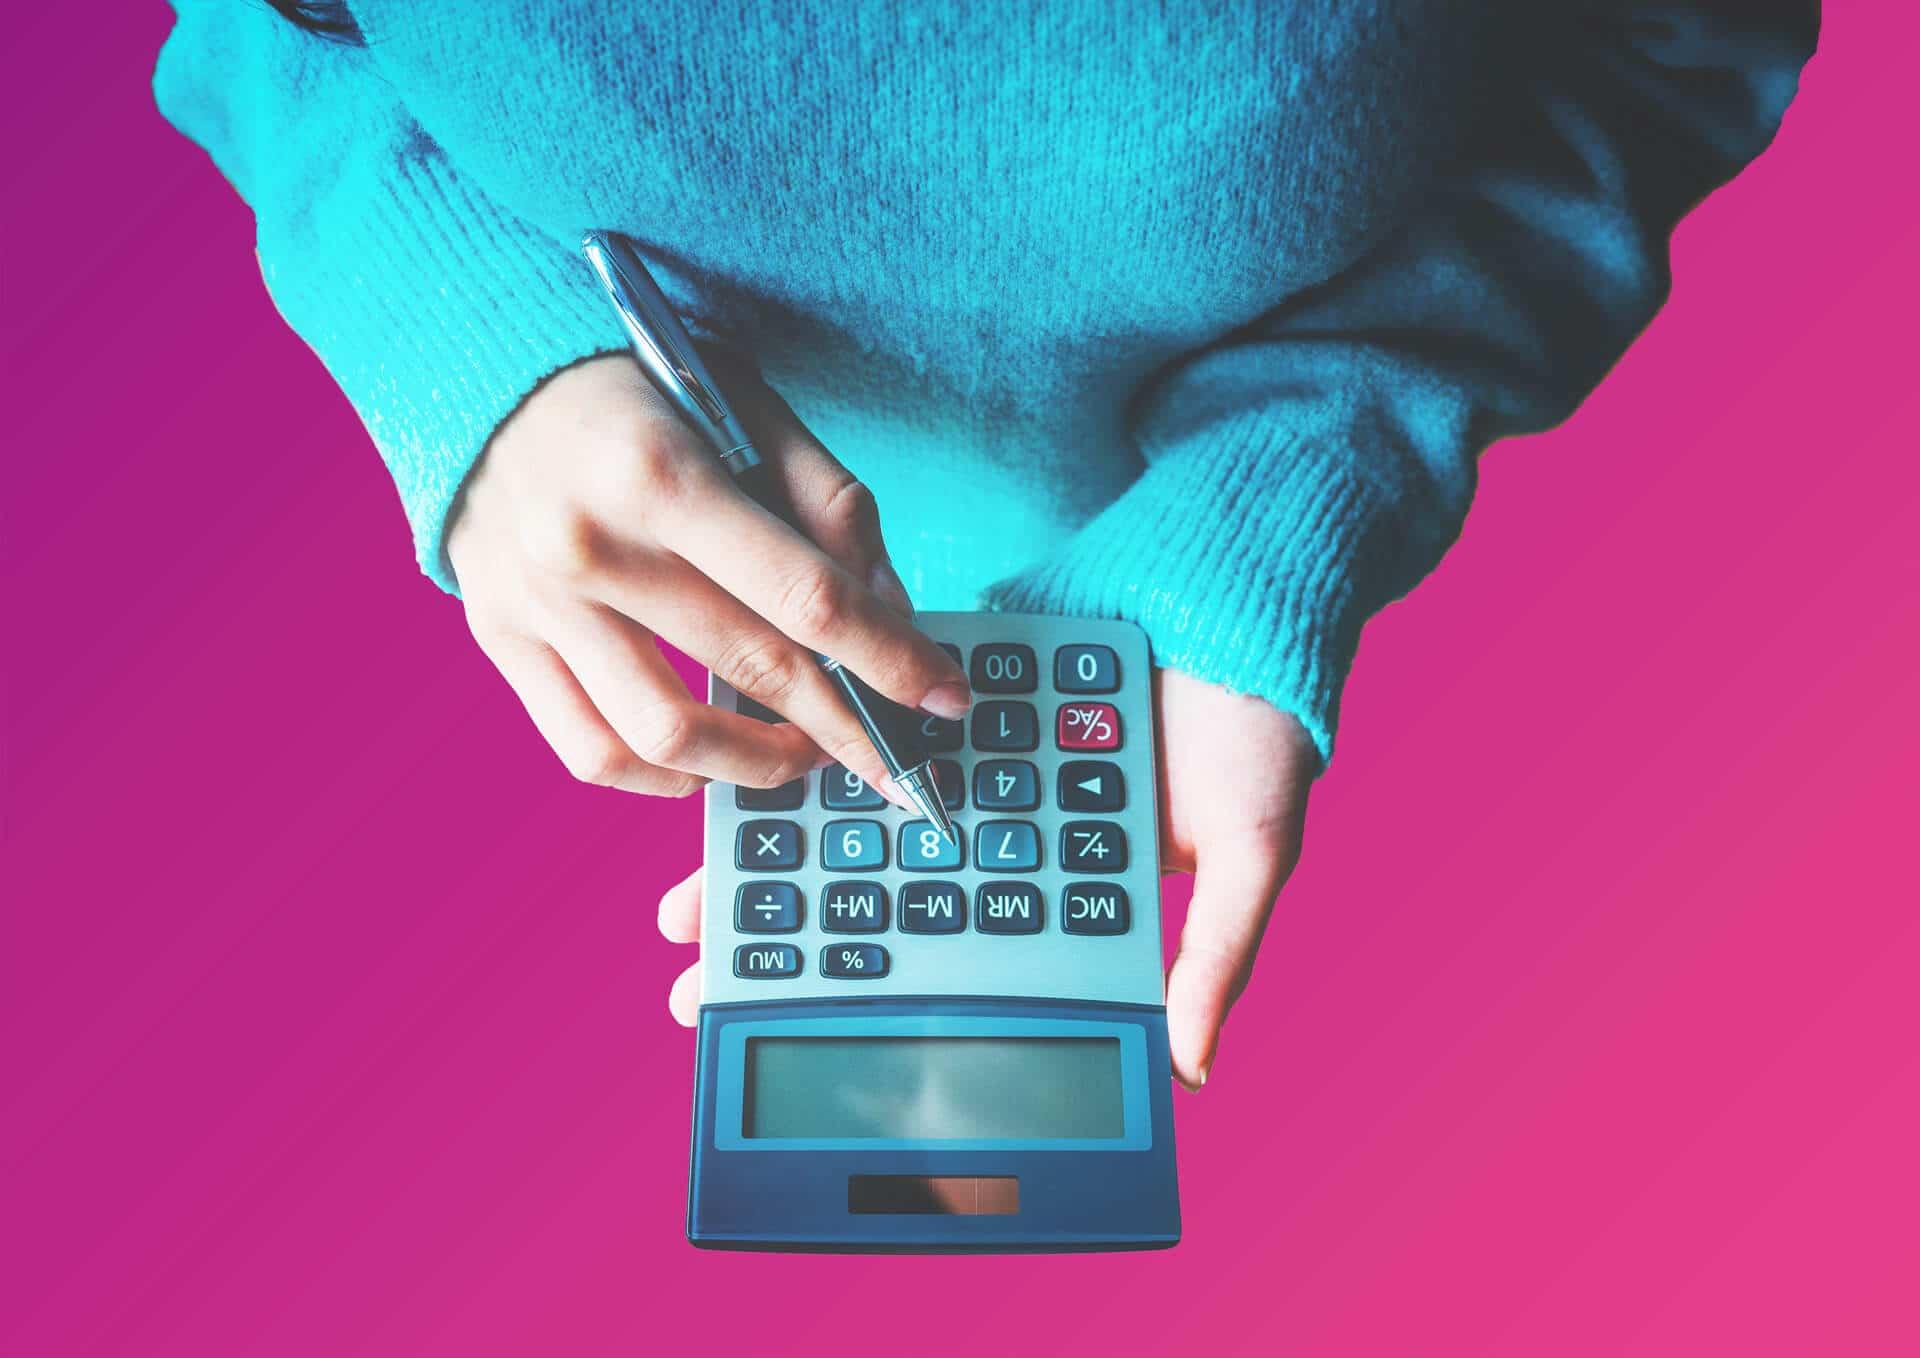 Kredit aufnehmen: Schritt-für-Schritt-Anleitung